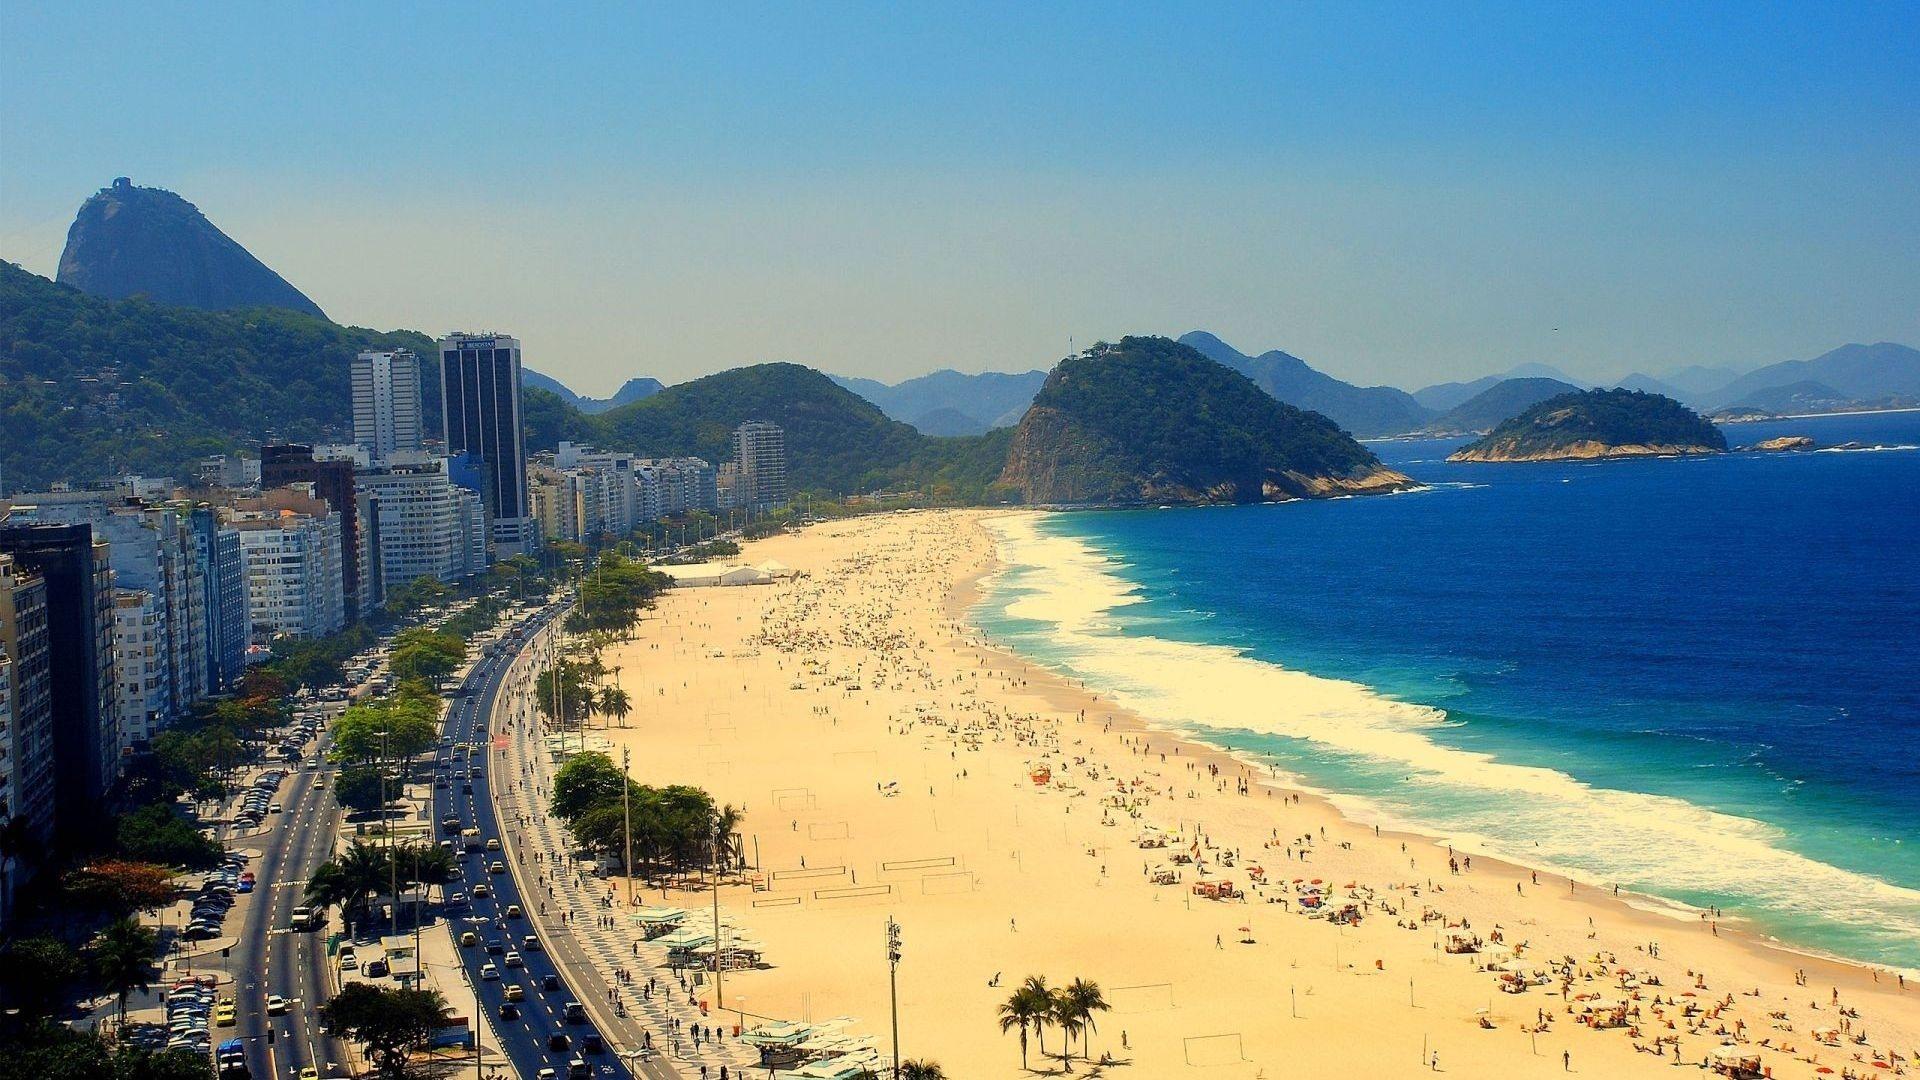 http://3.bp.blogspot.com/-sMu3Lq21DIc/UEddkWeaHyI/AAAAAAAAE5I/MGg3NklFhC0/s1920/copacabana-1080.jpg